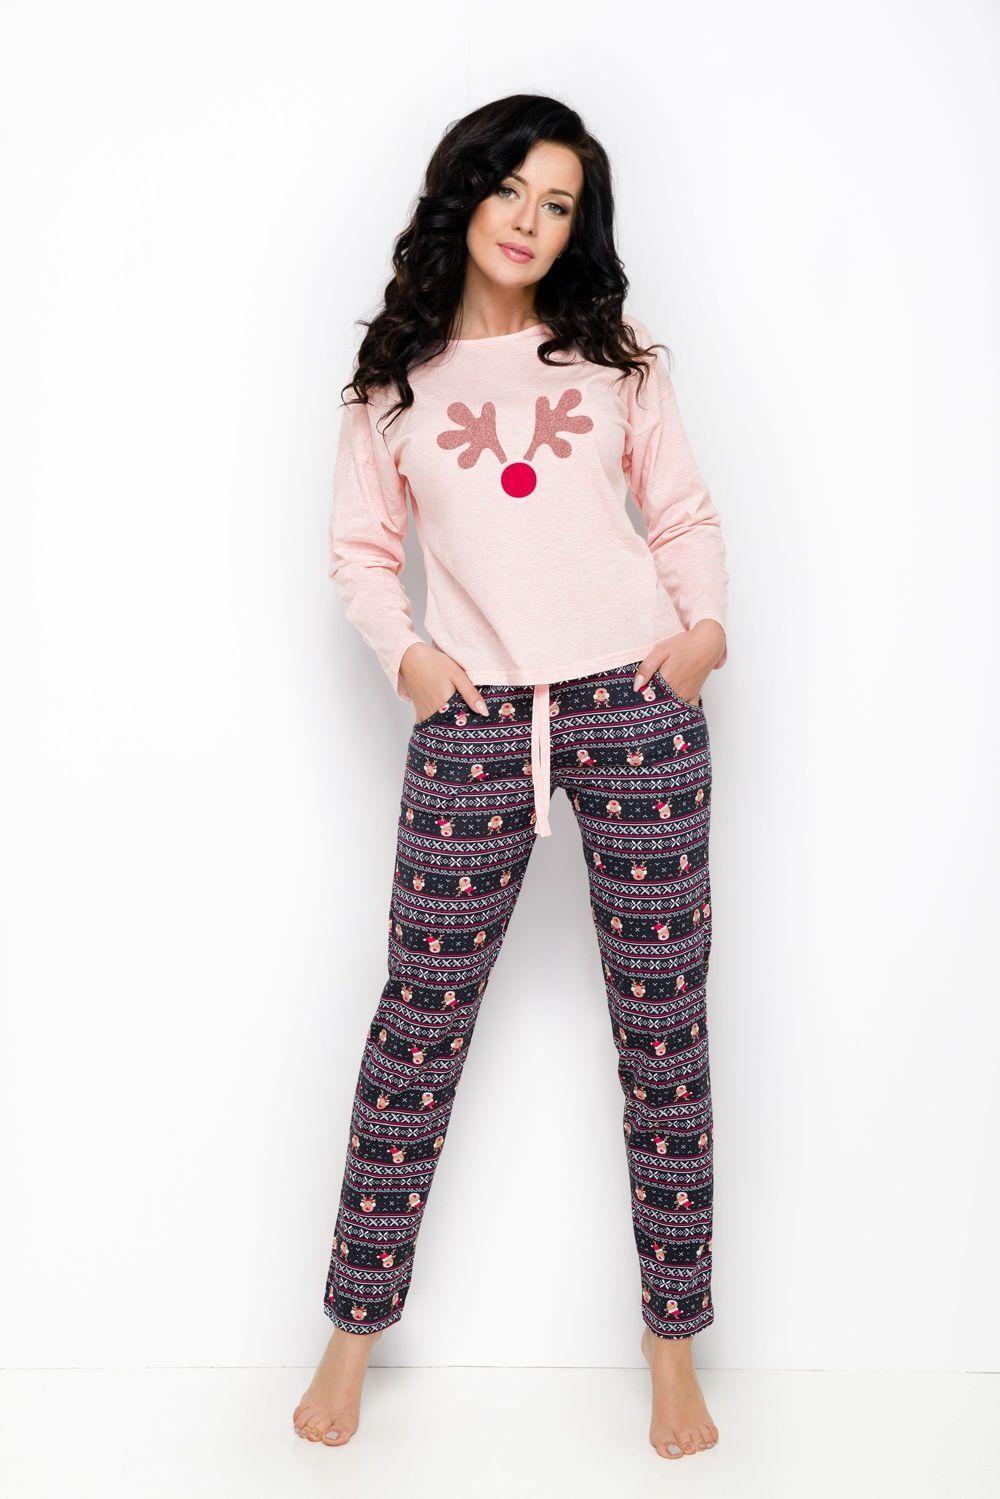 9fed8347e74c09 Bawełniana piżama z reniferem NADIA 1190, różowa 43835 w cenie 64,00 ...